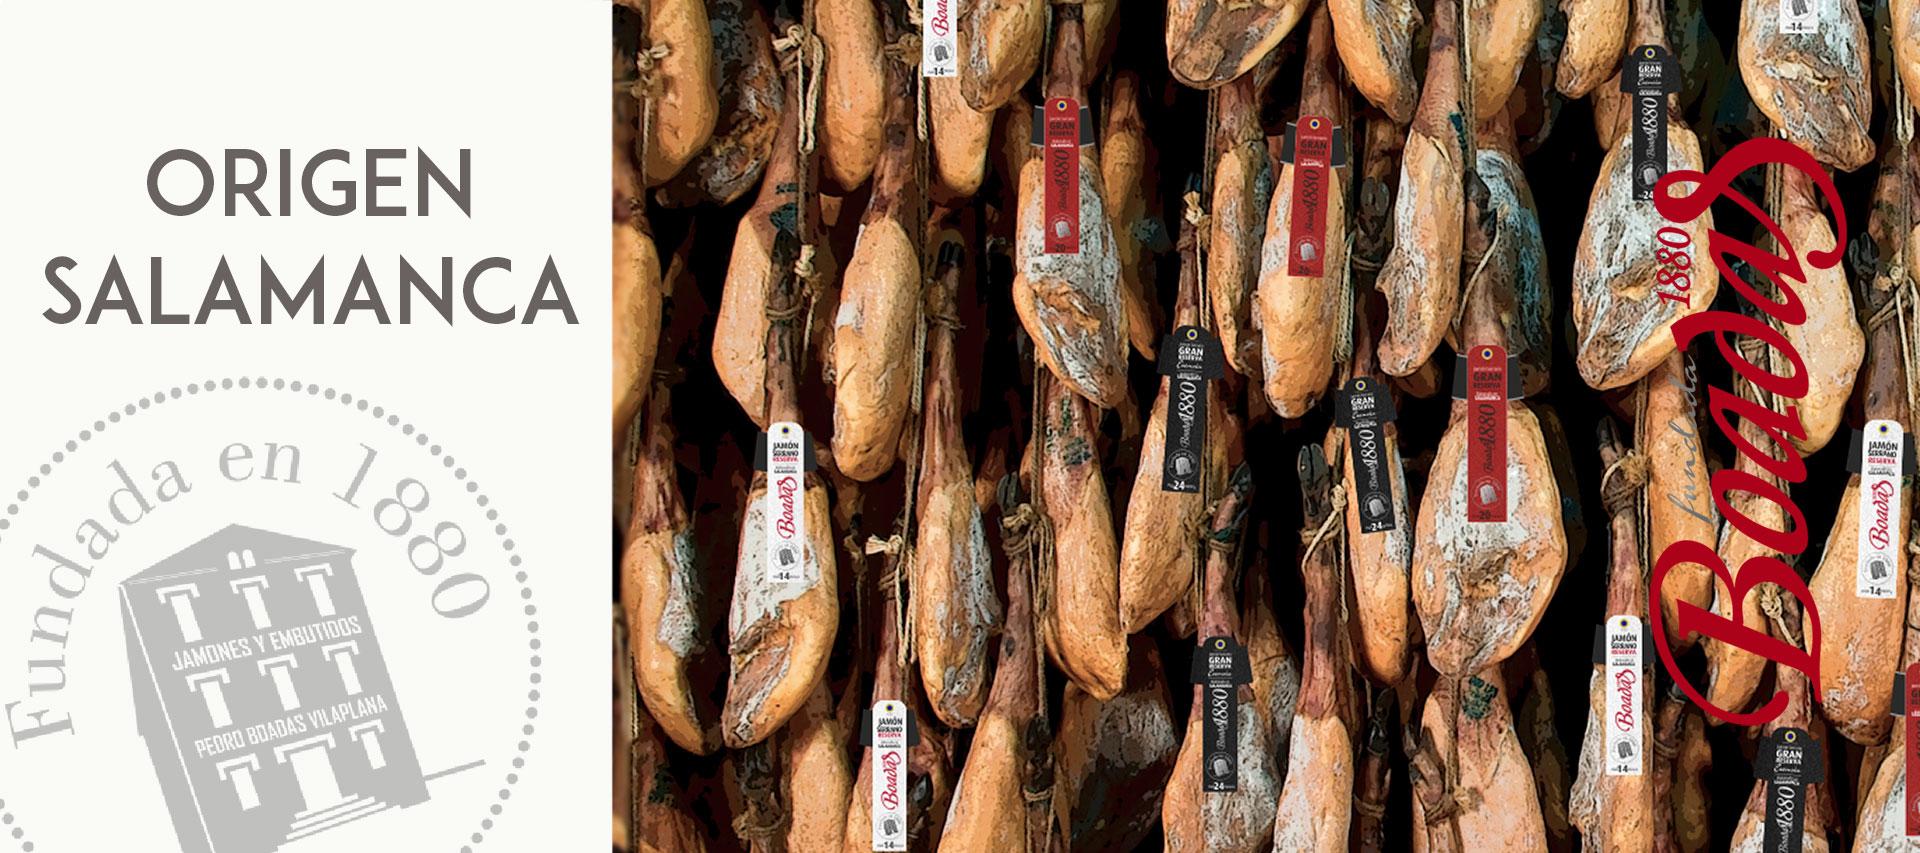 Jamones Boadas originarios de Salamanca